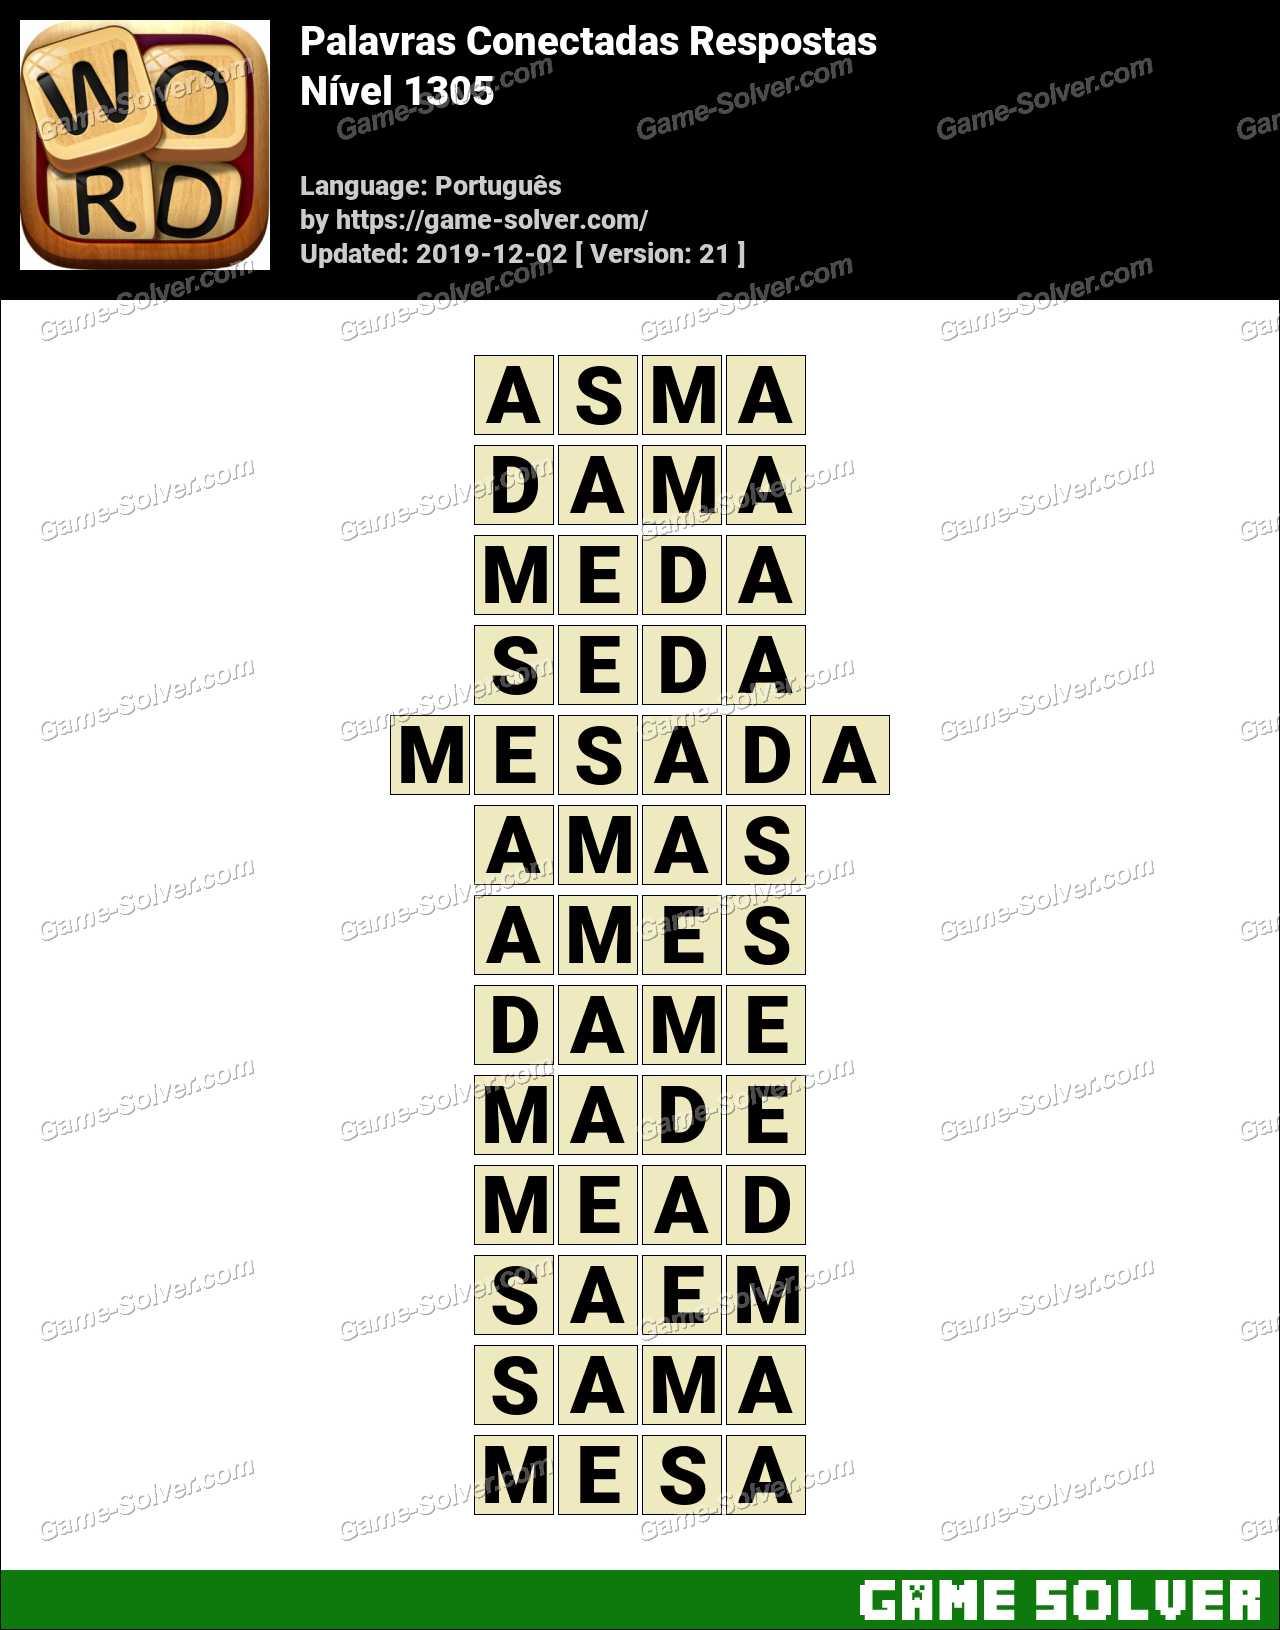 Palavras Conectadas Nivel 1305 Respostas